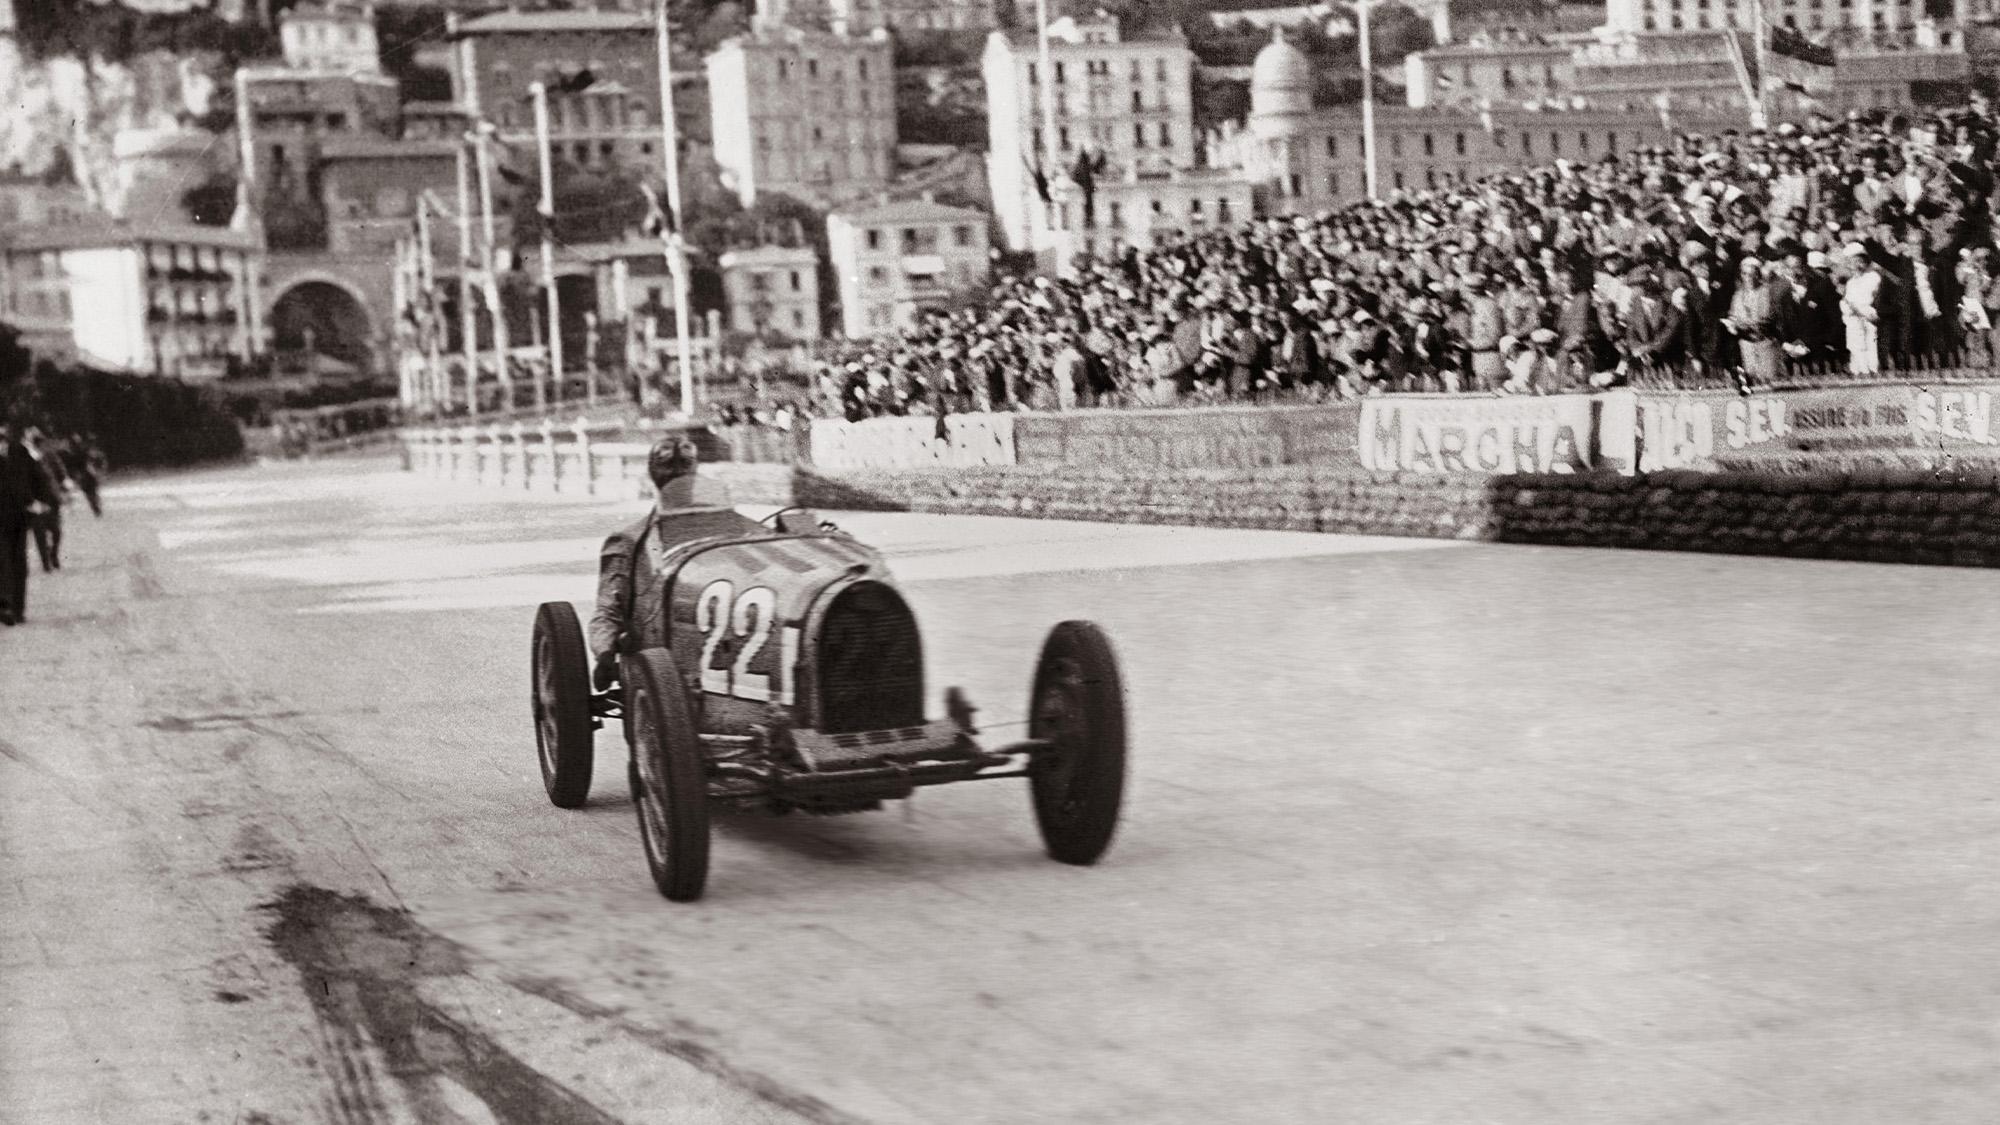 Louis Chiron in the 1931 Monaco Grand Prix